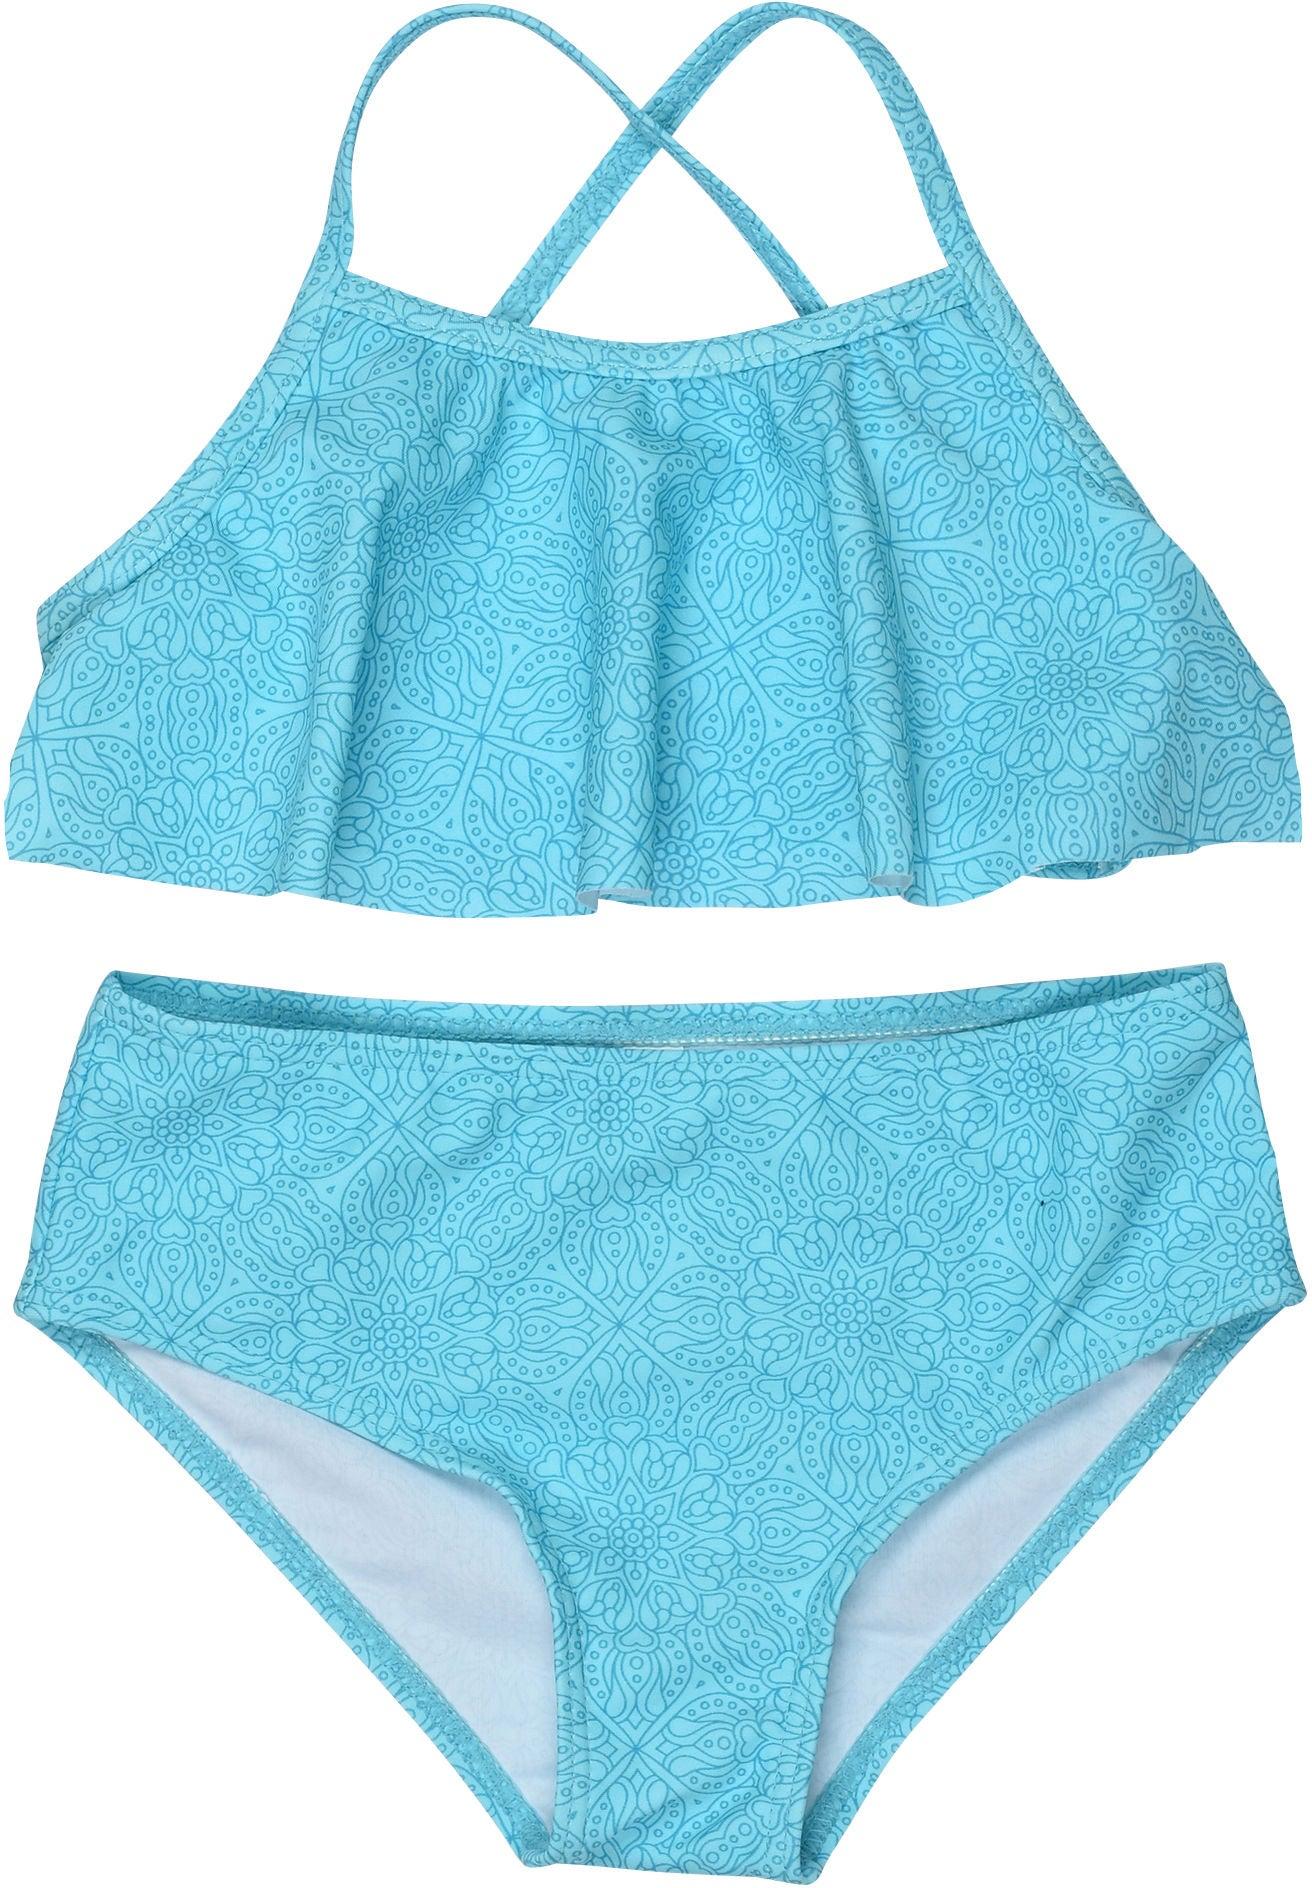 Lindberg Lucinda Bikini, Turquoise, 110/116